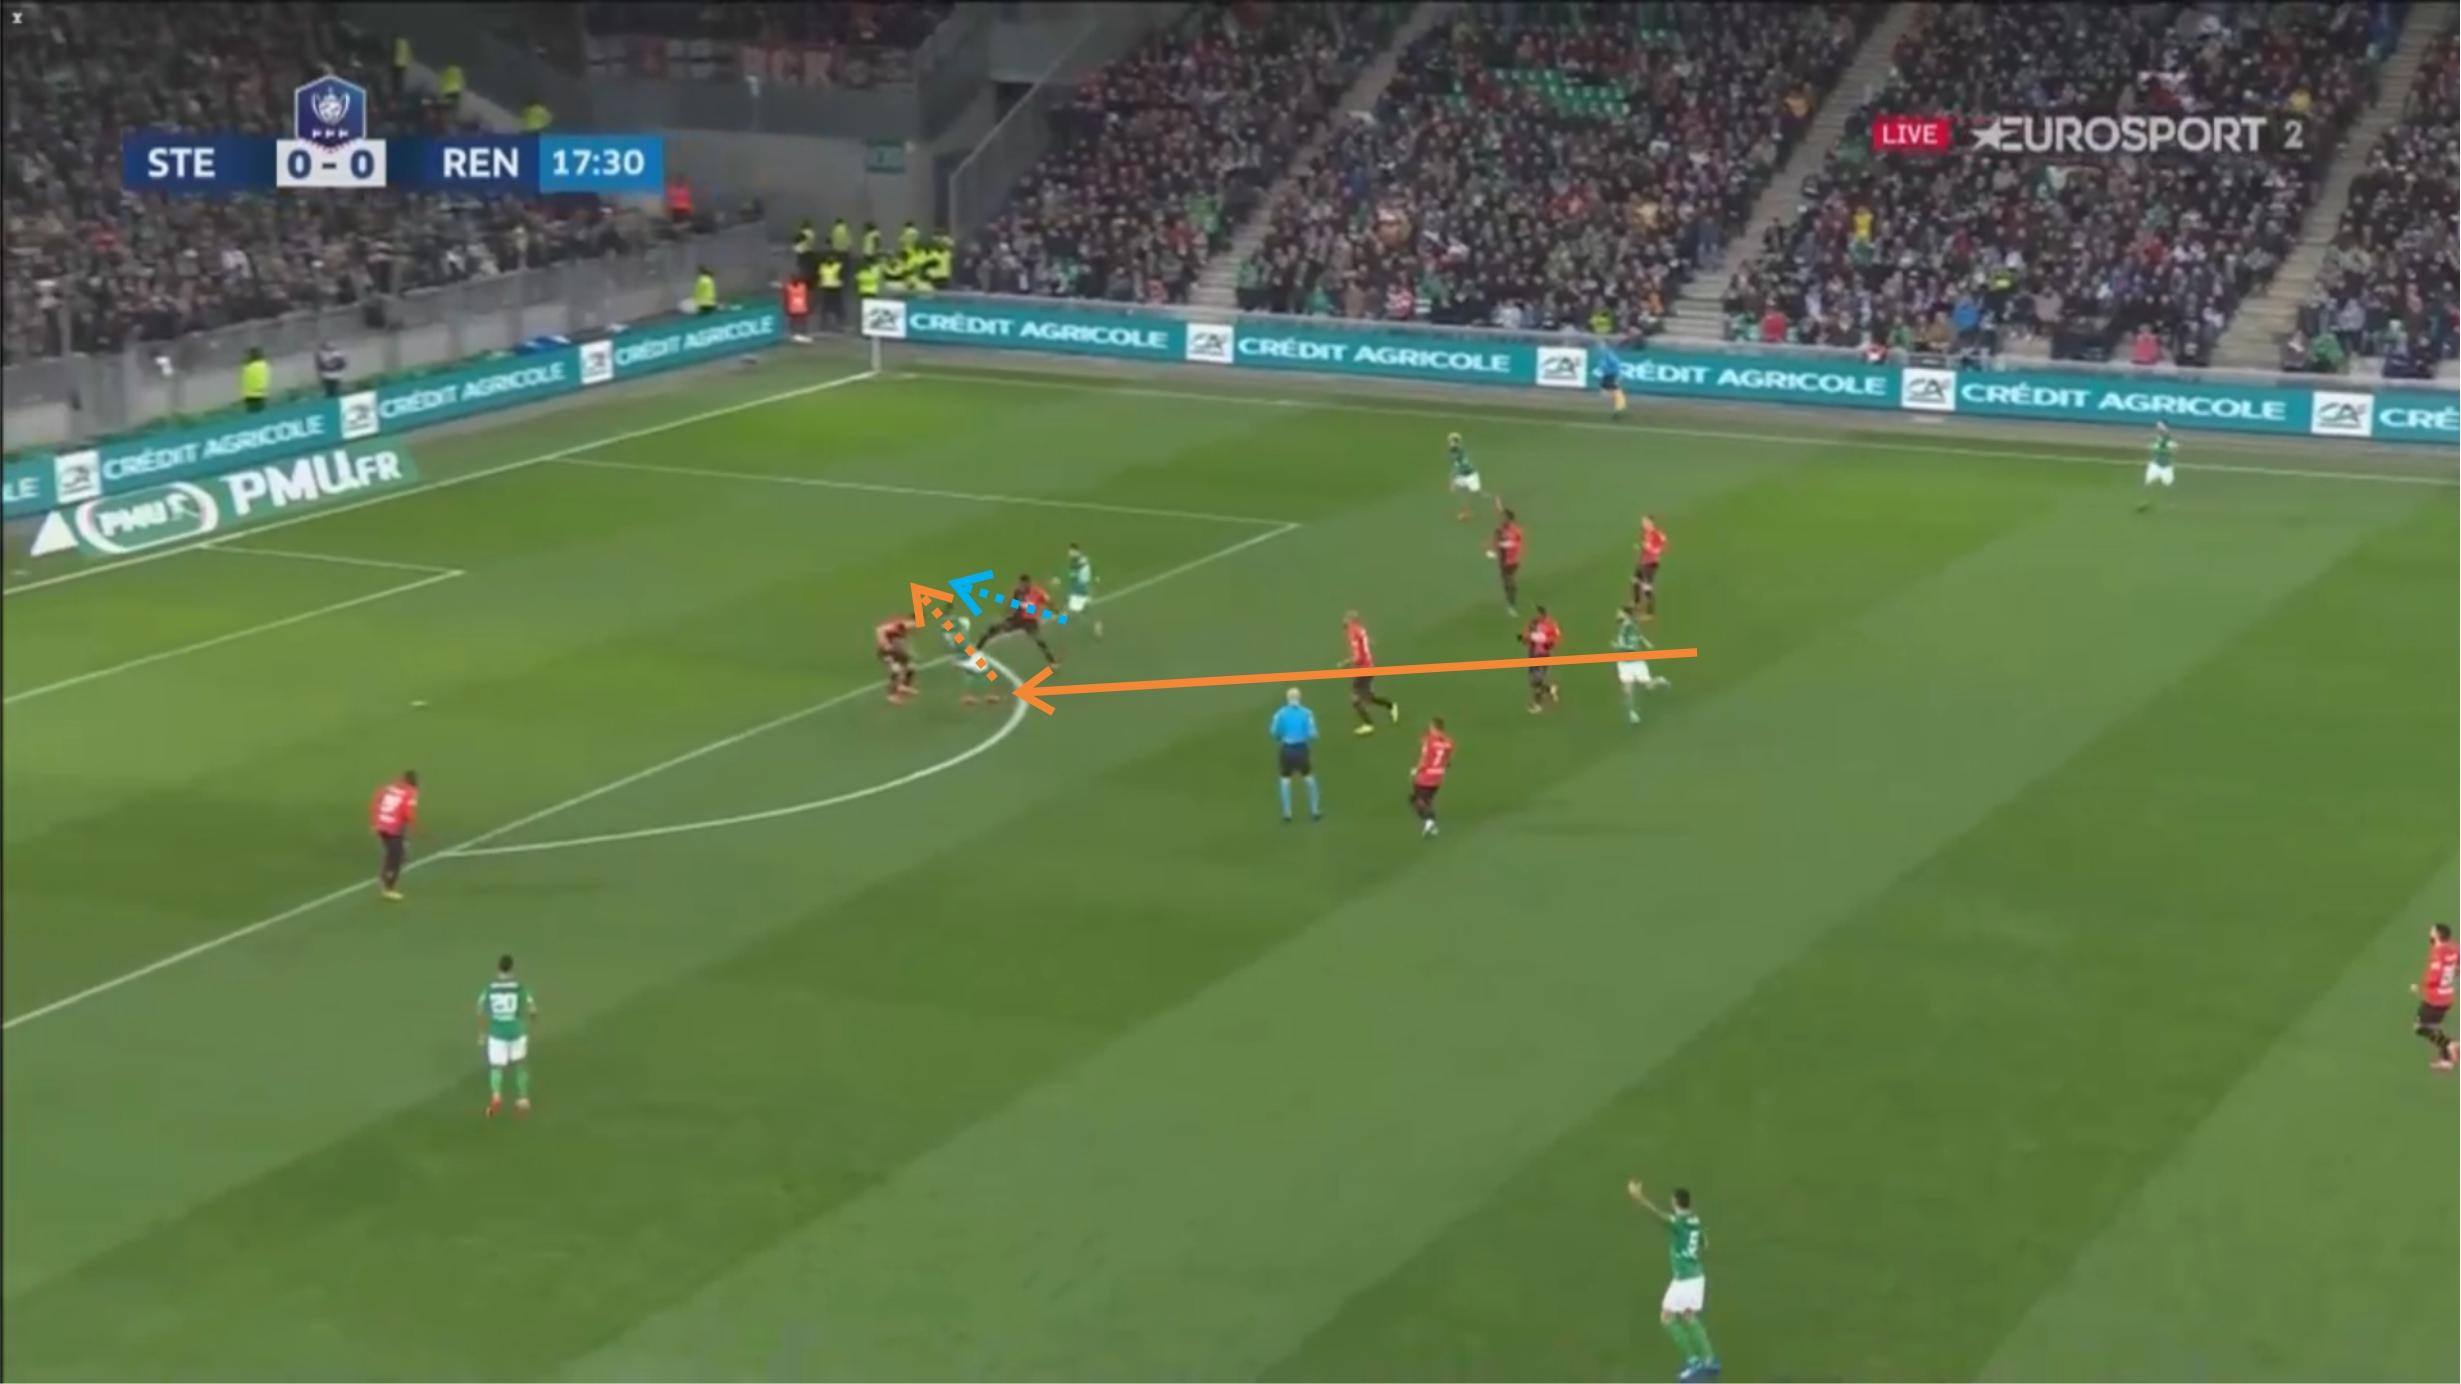 Coupe de France 2019/20: Saint-Etienne vs Rennes - tactical analysis - tactics